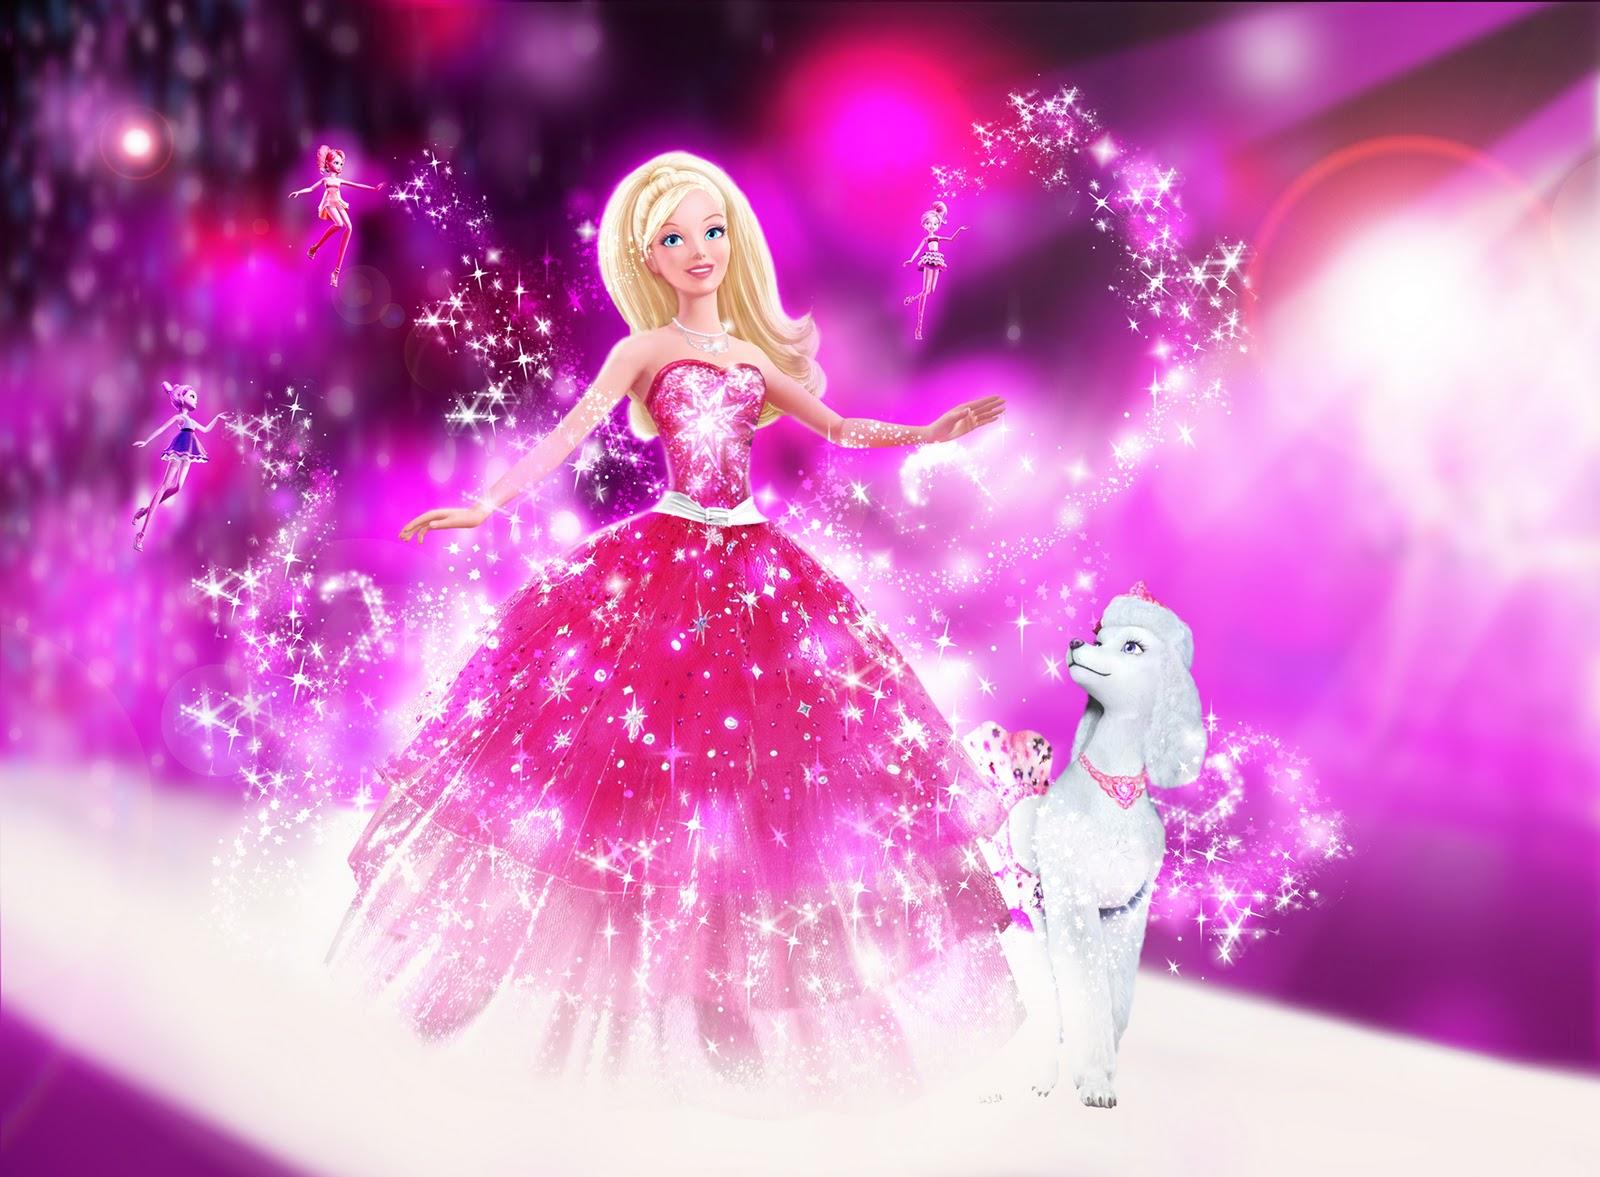 http://1.bp.blogspot.com/-Y0_f_BjB3PU/UFsSmjneAxI/AAAAAAAAA1Q/uS18jBGv3Xs/s1600/barbie+wallpaper+5.jpg